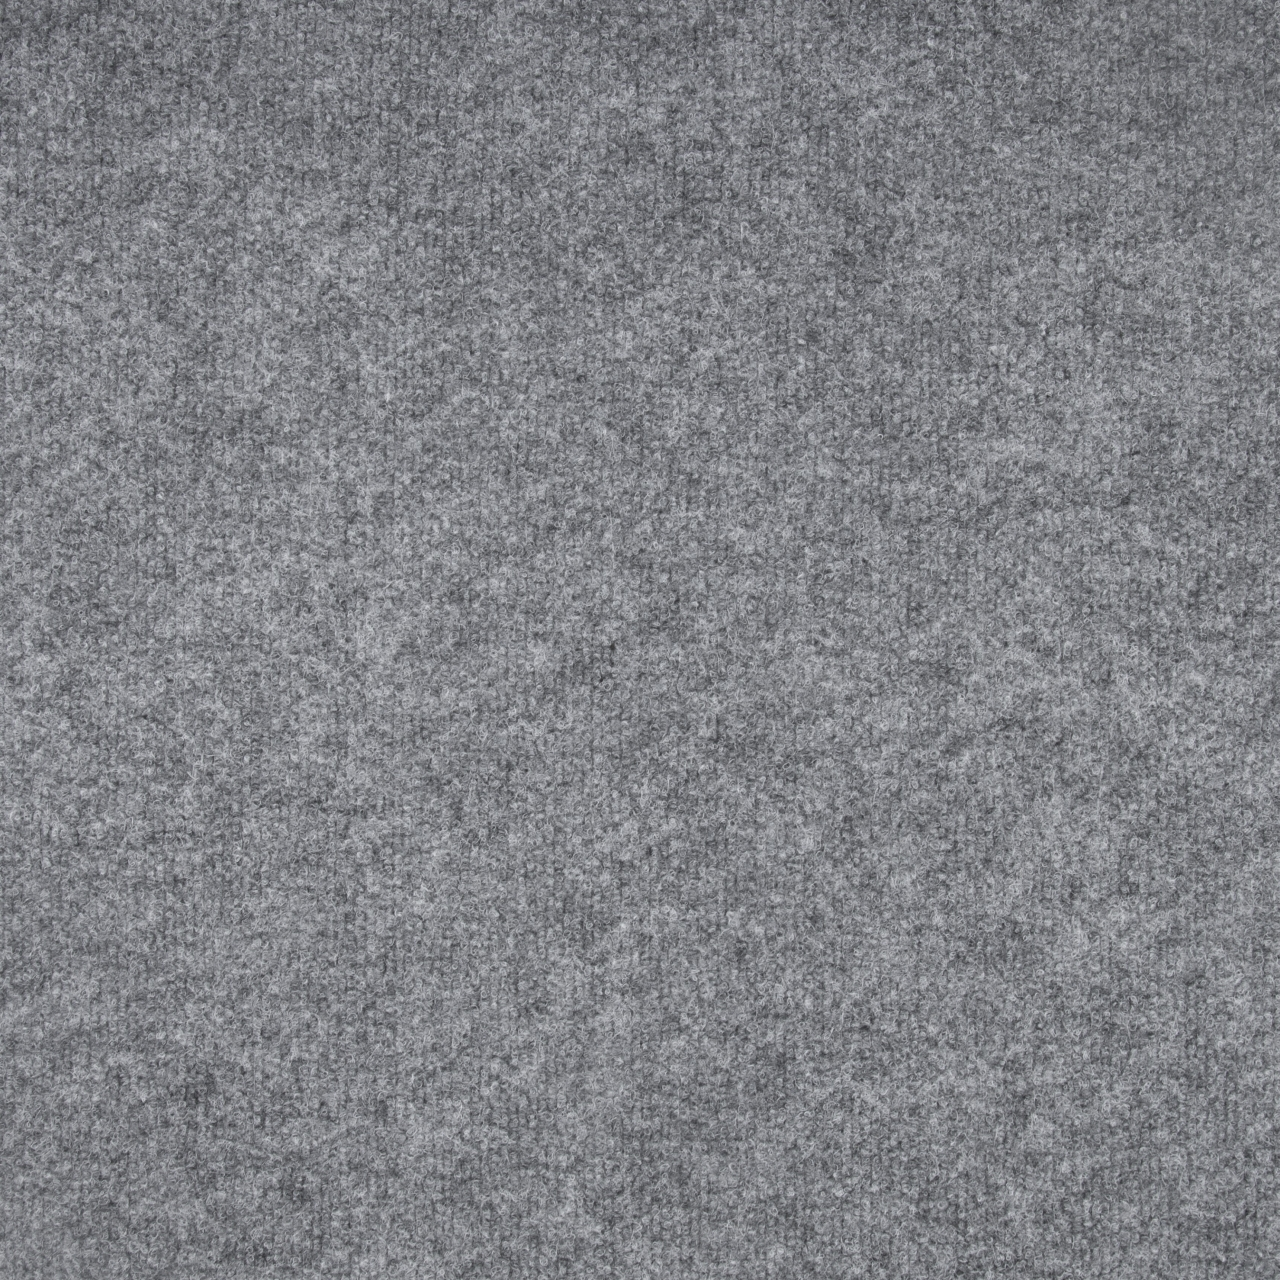 Ковровая дорожка 0902 - LT.GRIJS - коллекция Gent 3m - фото 1